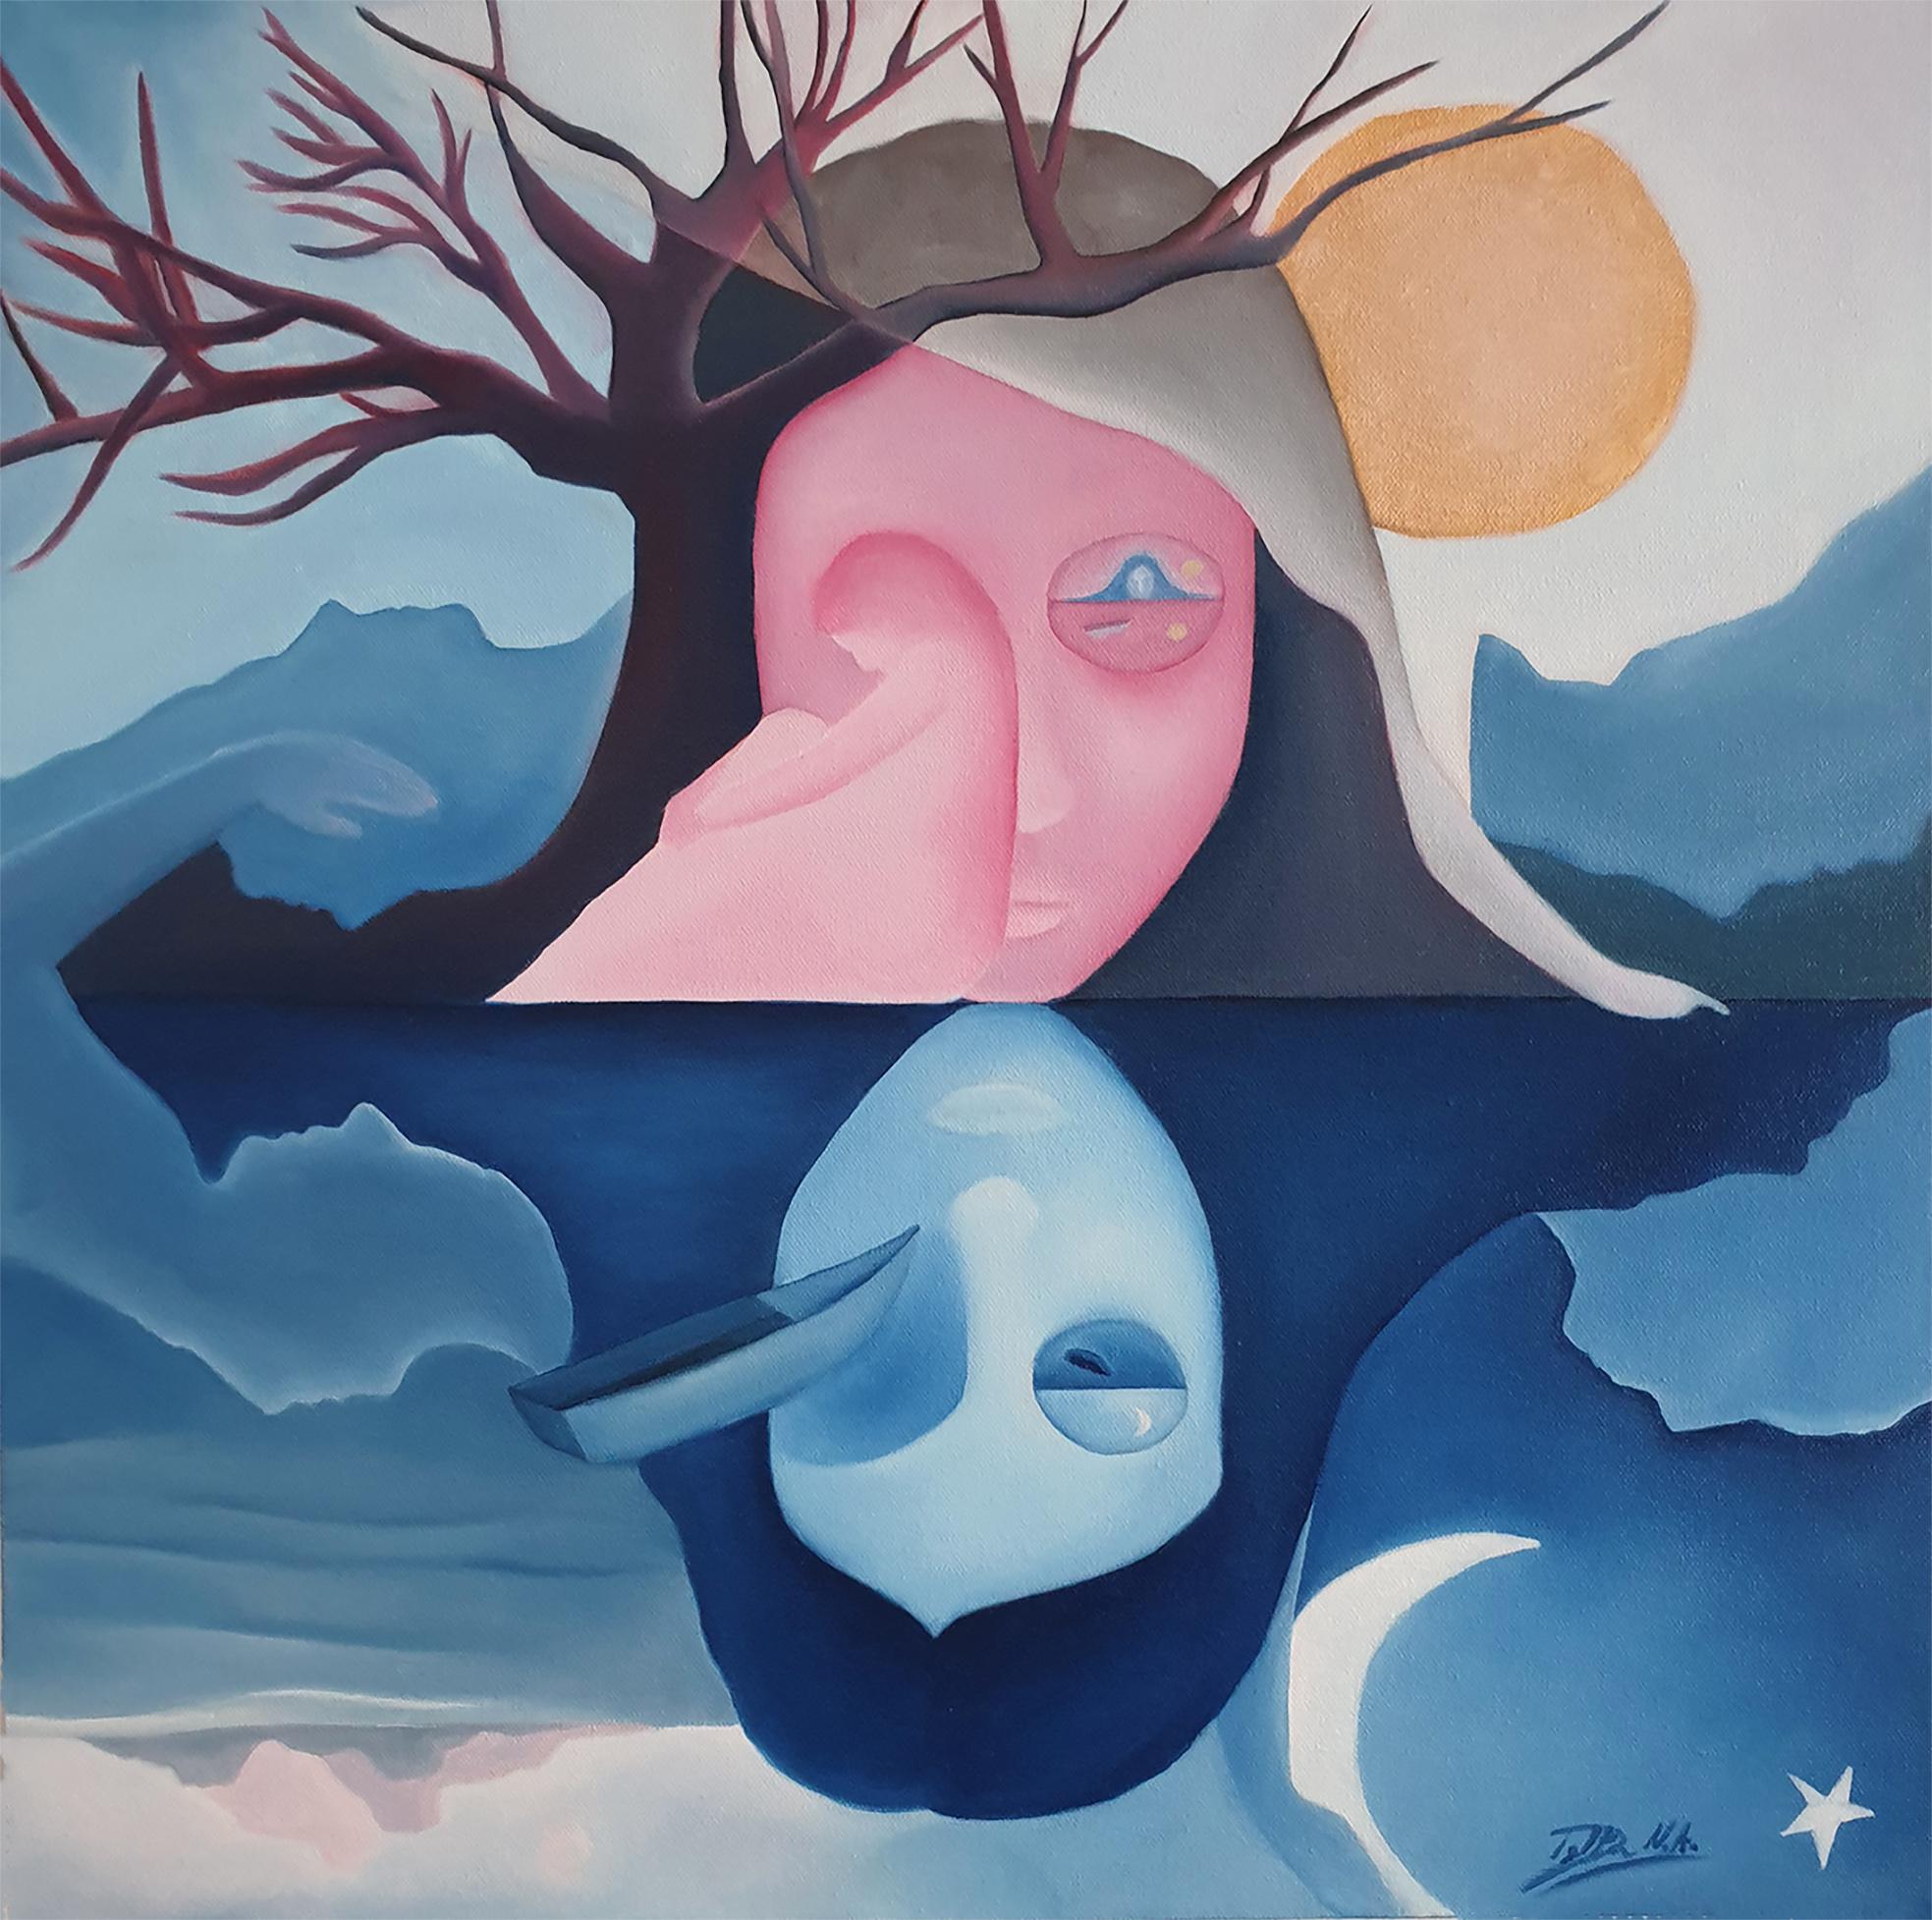 Solitudine riflessa - Mirrored solitude - Delta N.A